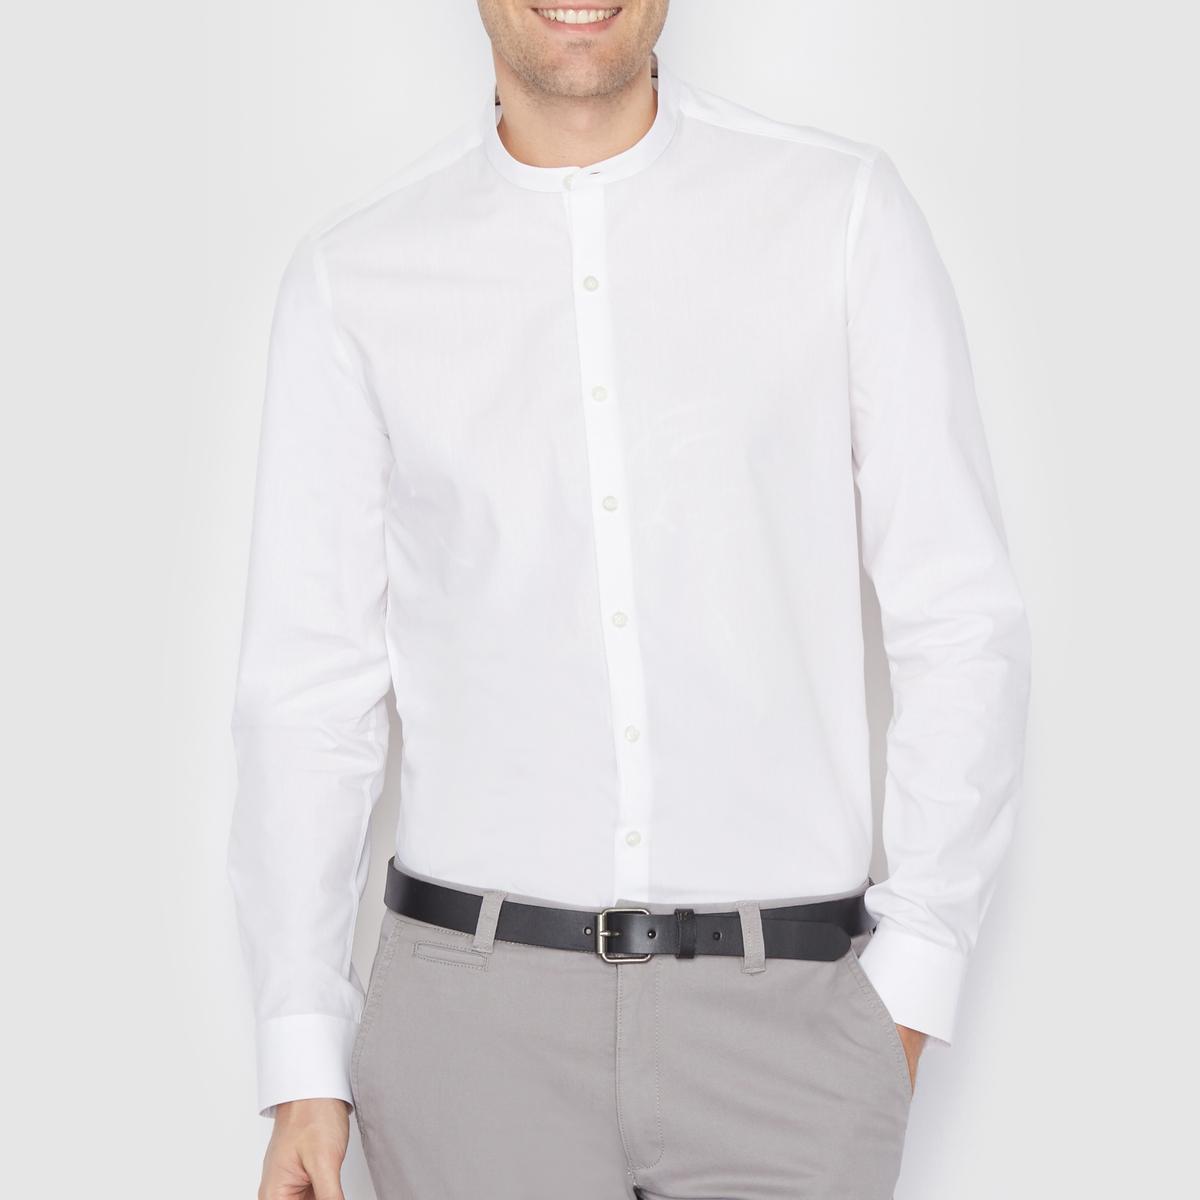 Рубашка зауженного покроя 100% хлопокРубашка в повседневном стиле, узкий покрой, воротник-стойка. Длина 77 см. Низ рукавов с застежкой на пуговицы. Рубашка, 100% хлопок.<br><br>Цвет: белый<br>Размер: 47/48